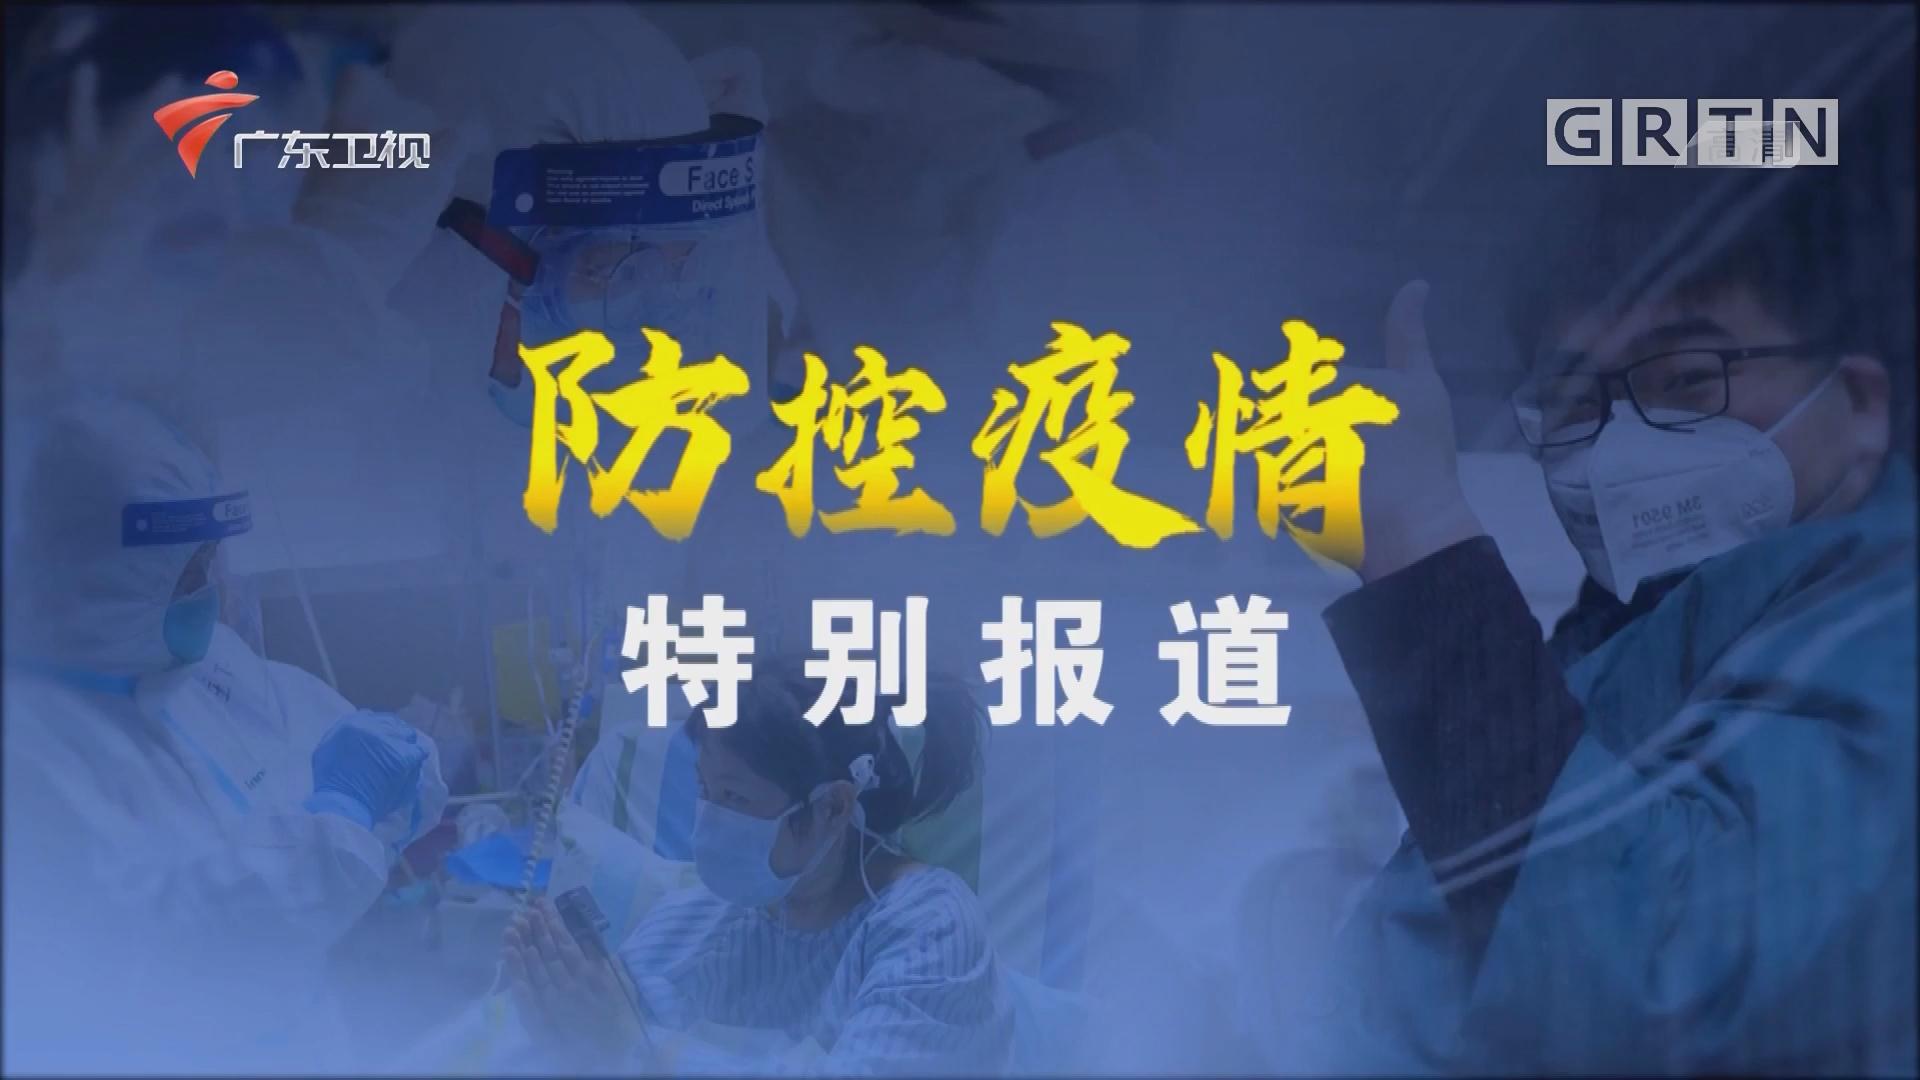 [HD][2020-03-27]防控疫情特别报道:习近平出席二十国集团领导人应对新冠肺炎特别峰会并发表重要讲话